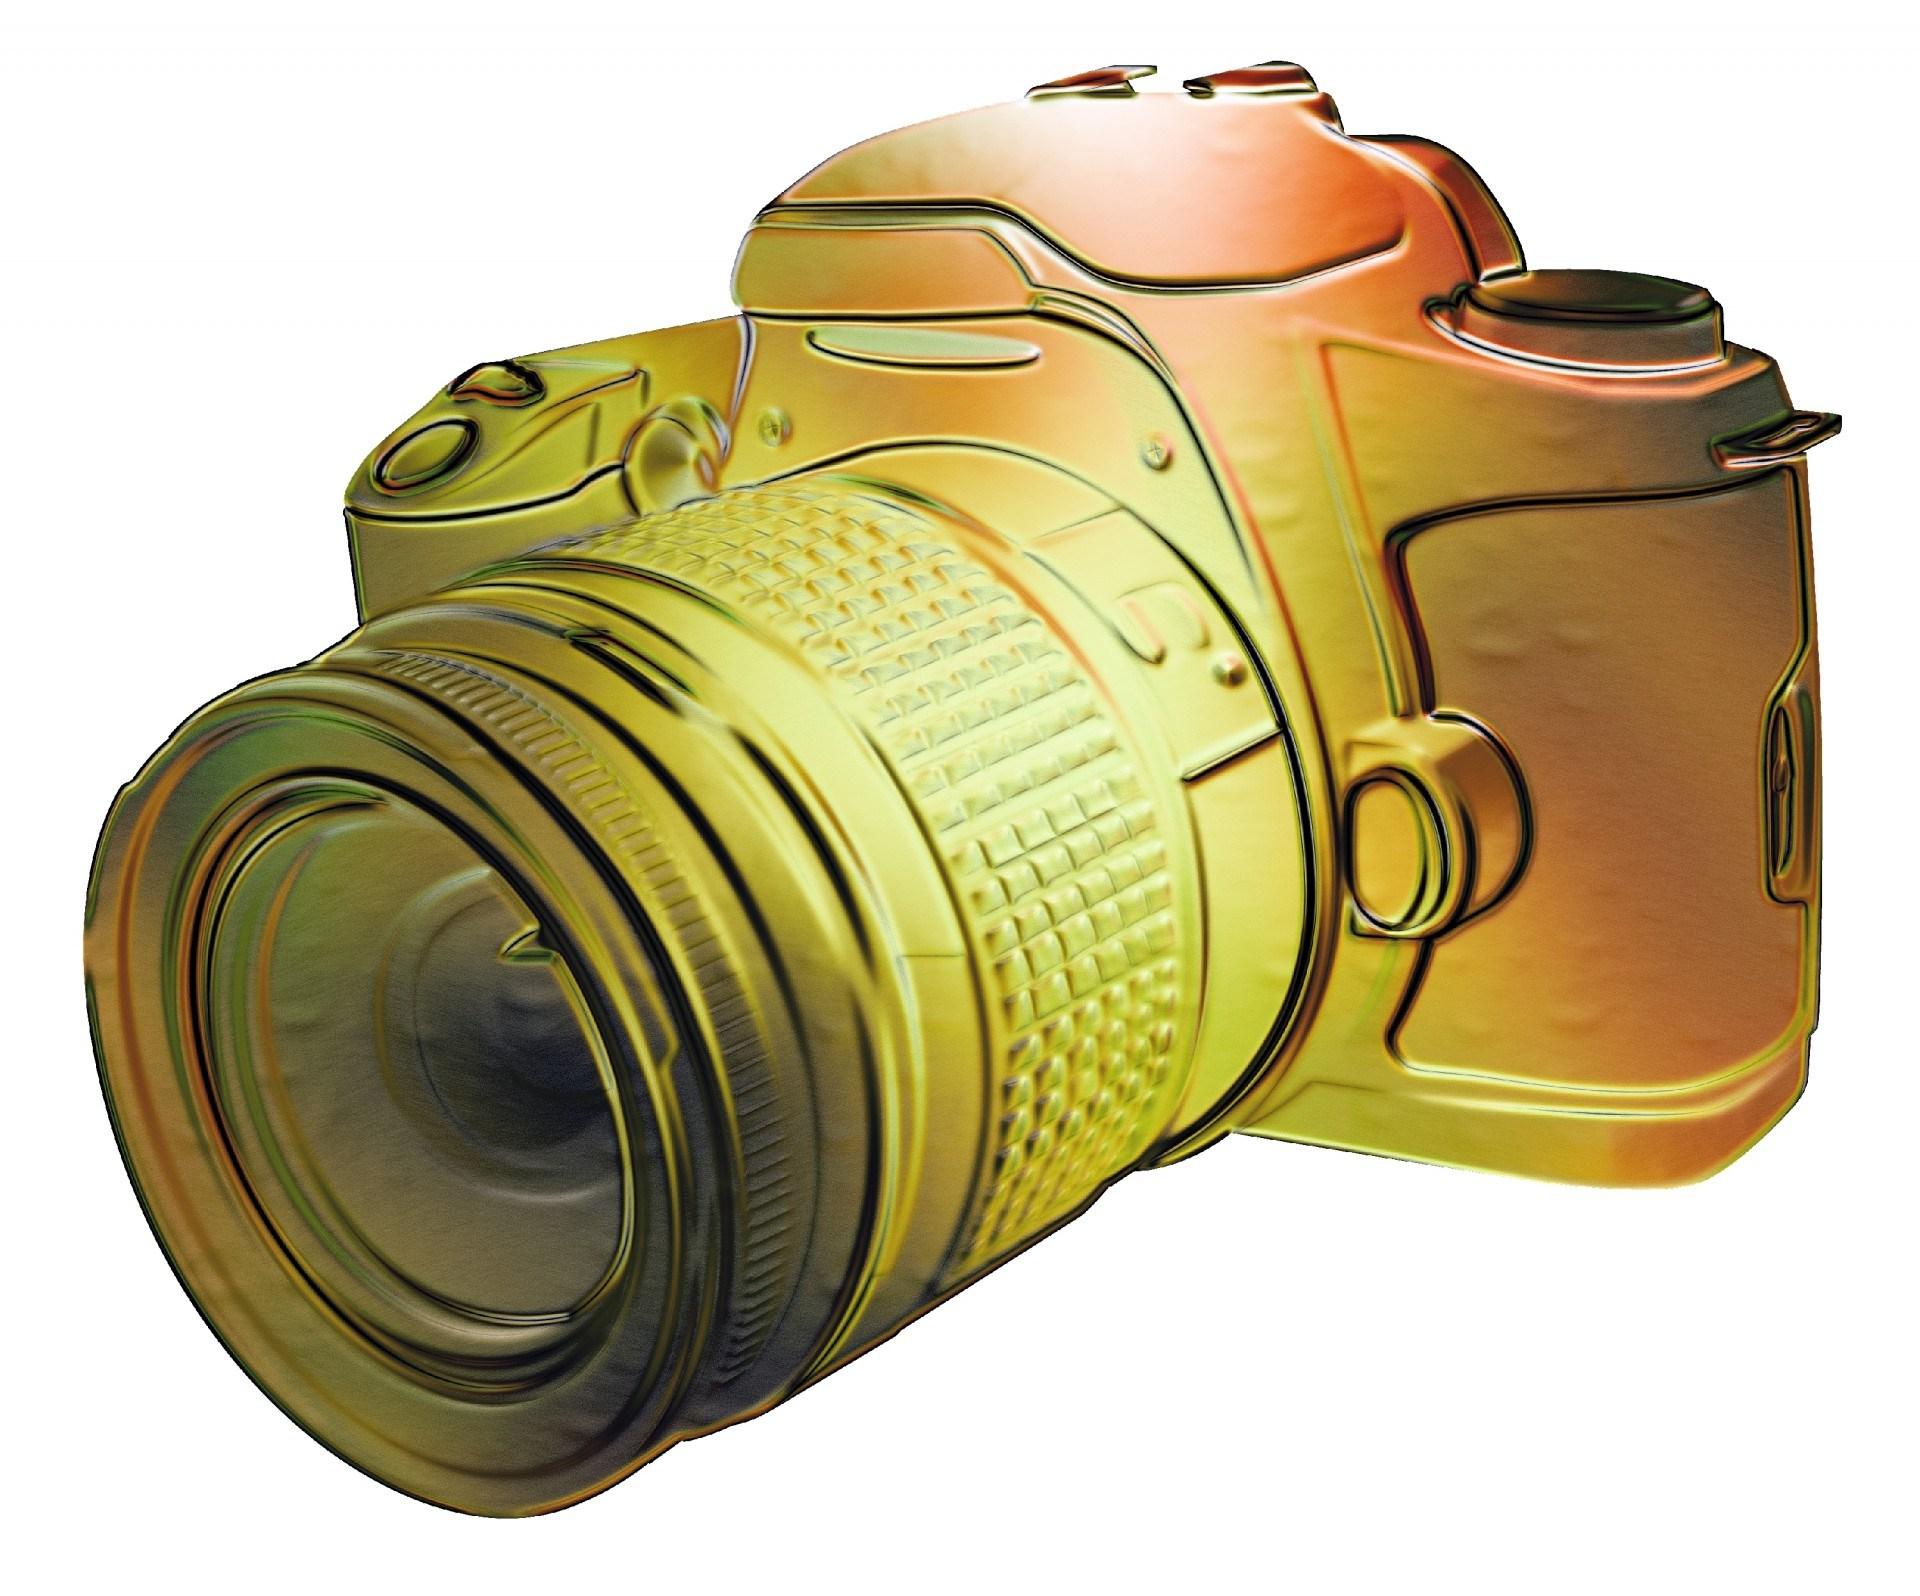 Obrázek fotoaparátu